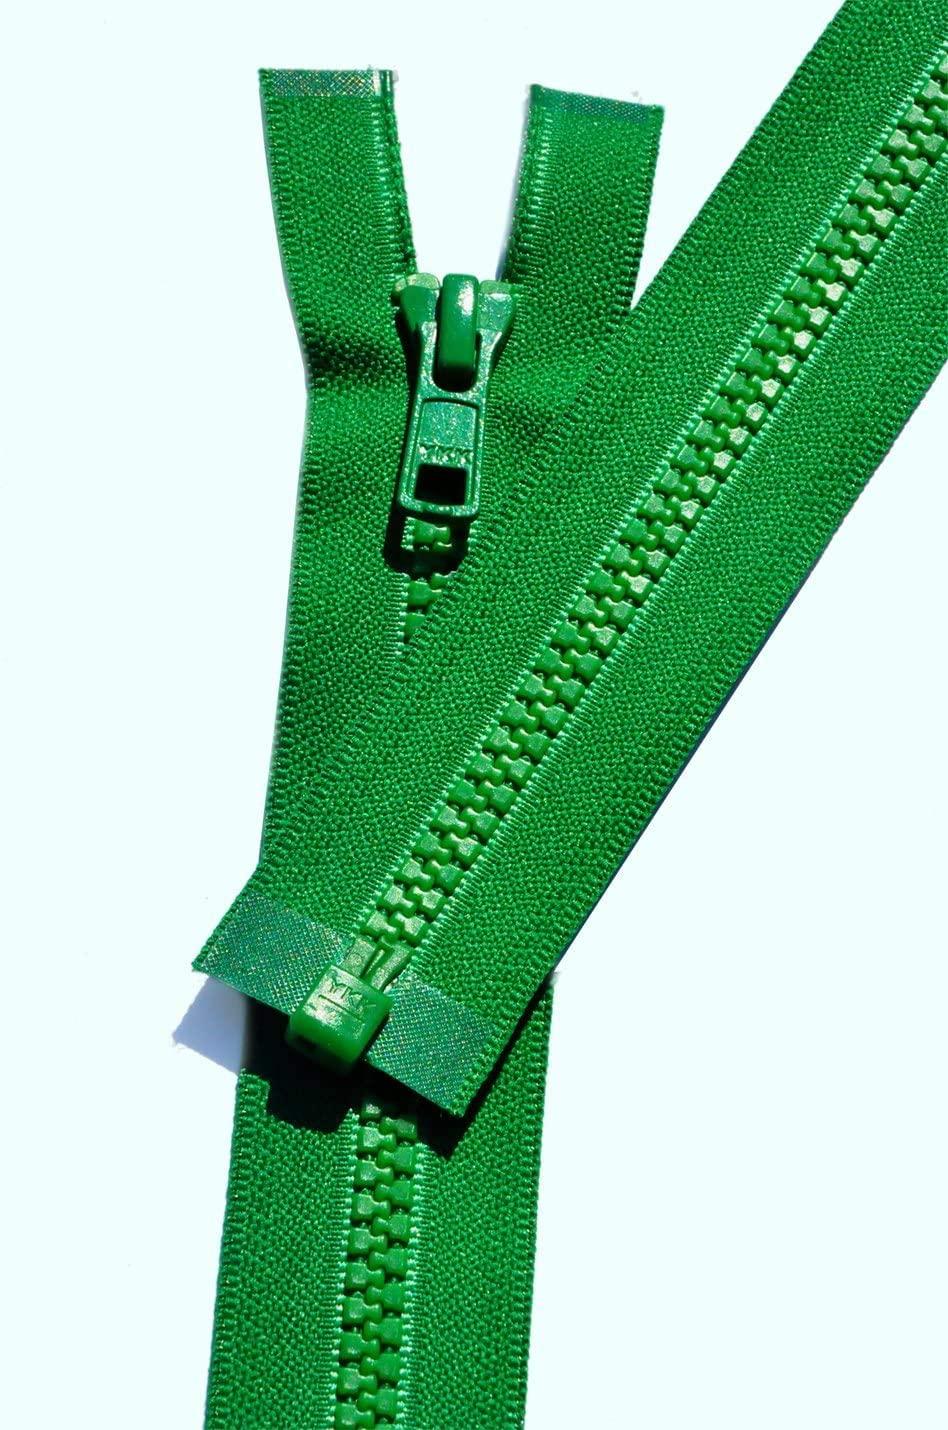 YKK Vislon Zipper, 5 Molded Plastic Separating Bottom 14